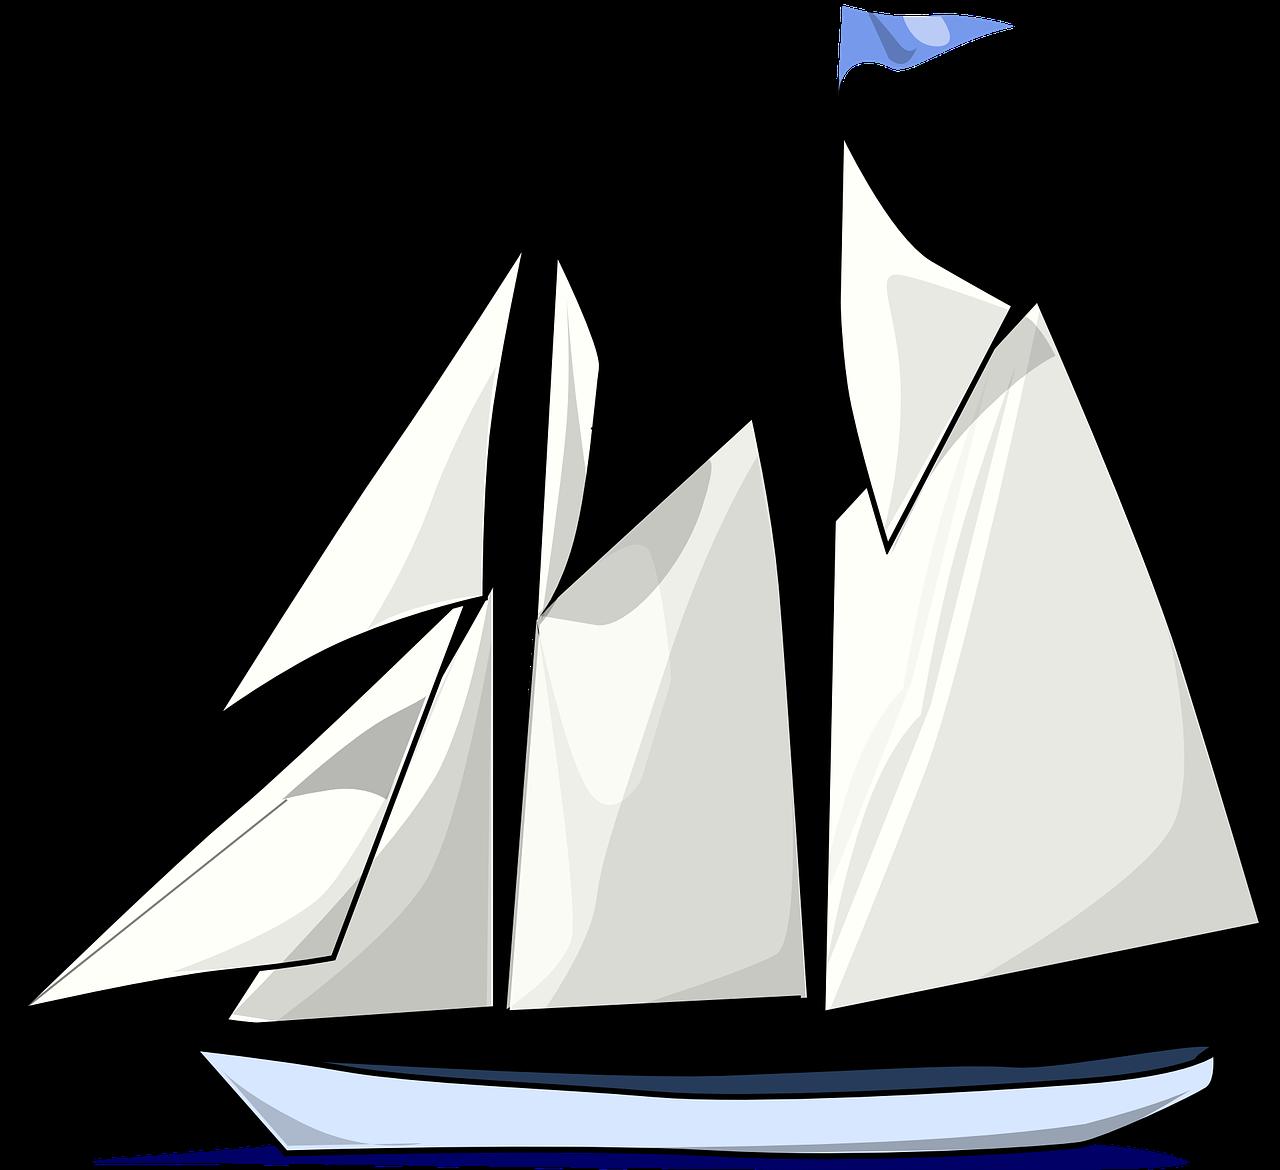 Boat Sailing Sailboat Transportation Boat Navig Boat Sailing Sailboat Transportation Boat Navig Boat Boat Drawing Sailboat